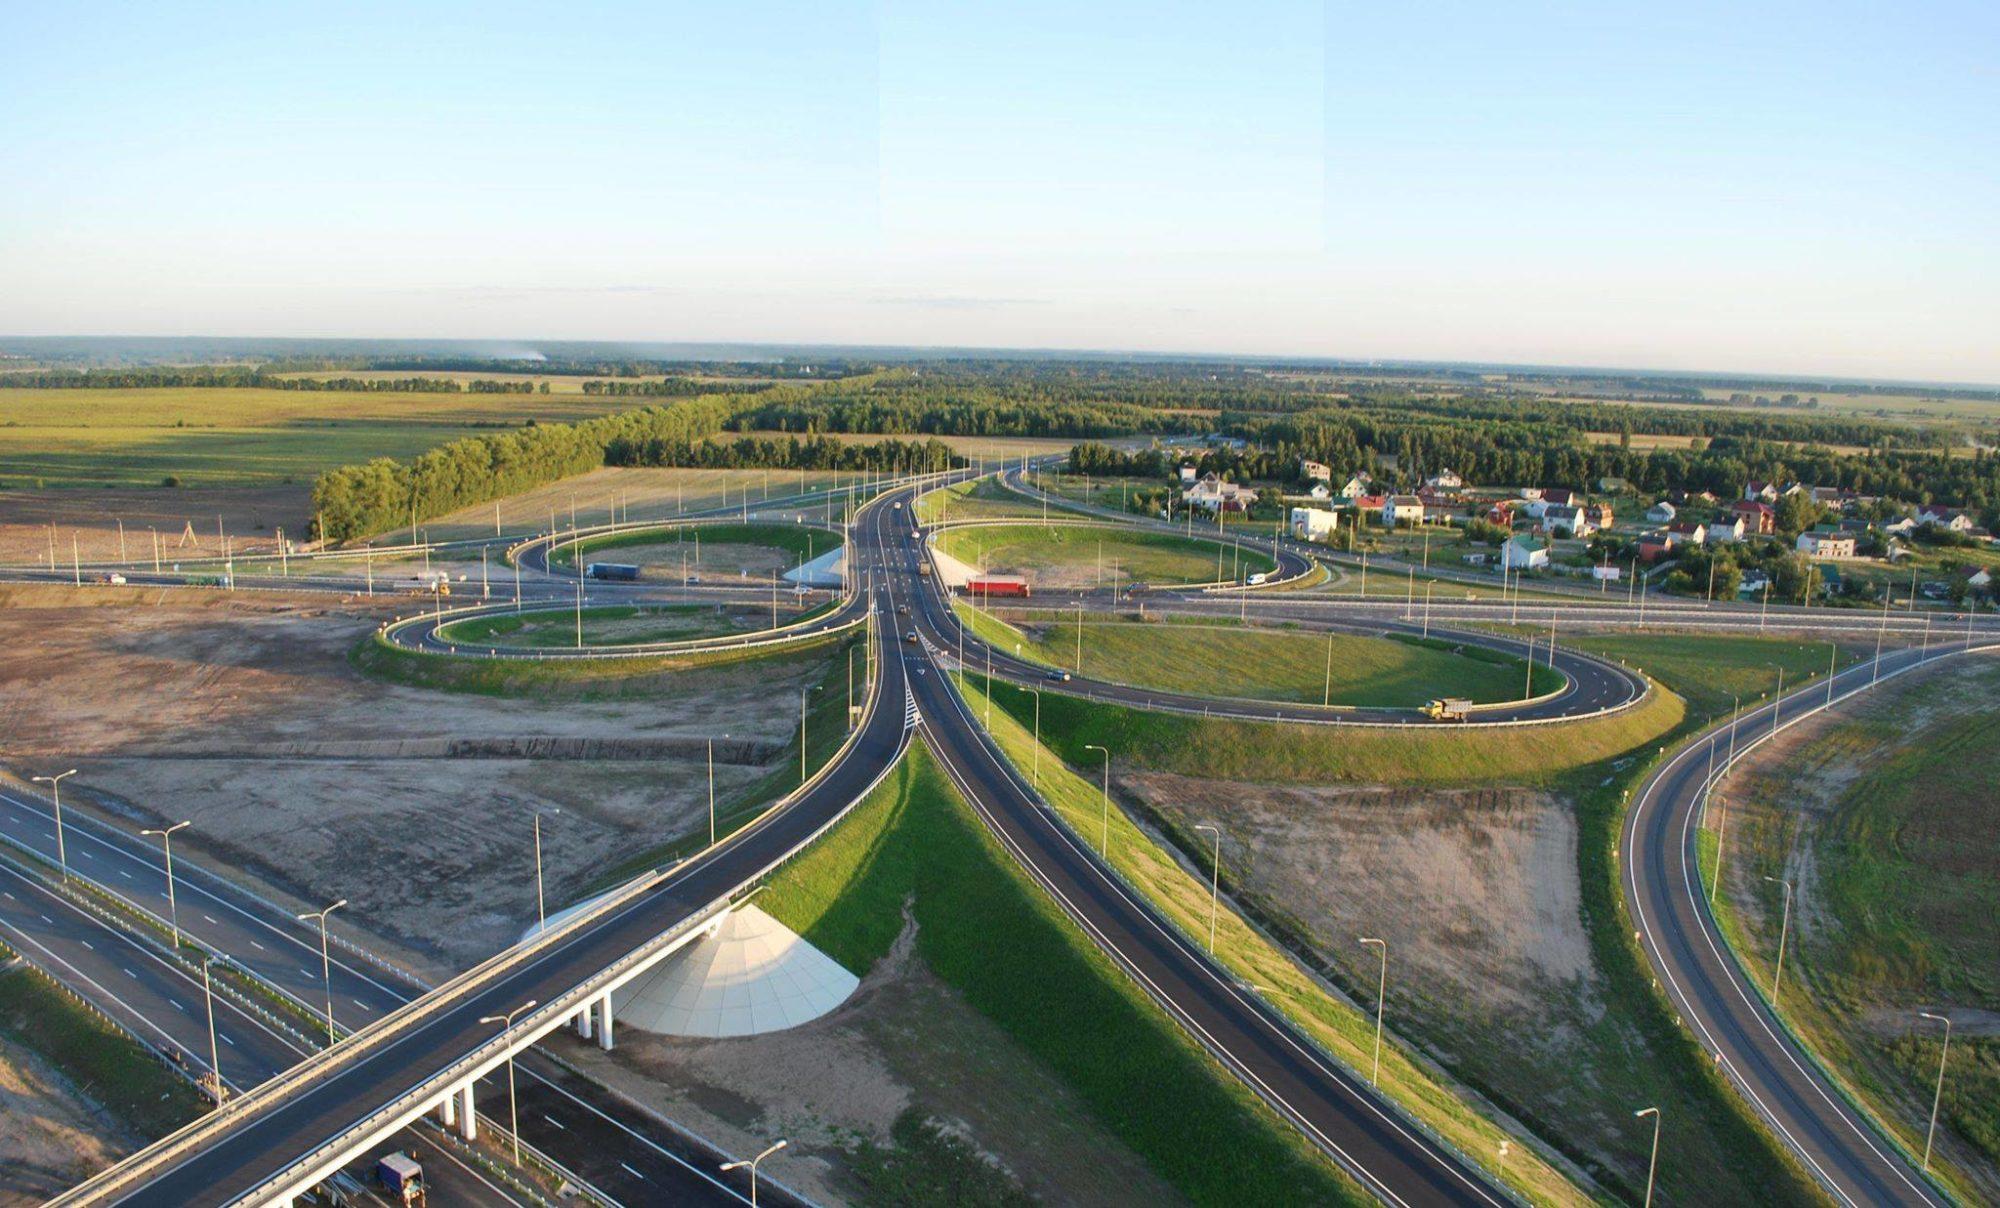 Укравтодор оголосив тендер на будівництво трьох транспортних розв'язок під Києвом -  - 30713612 1319979671435280 8562004063191826432 o 2000x1208